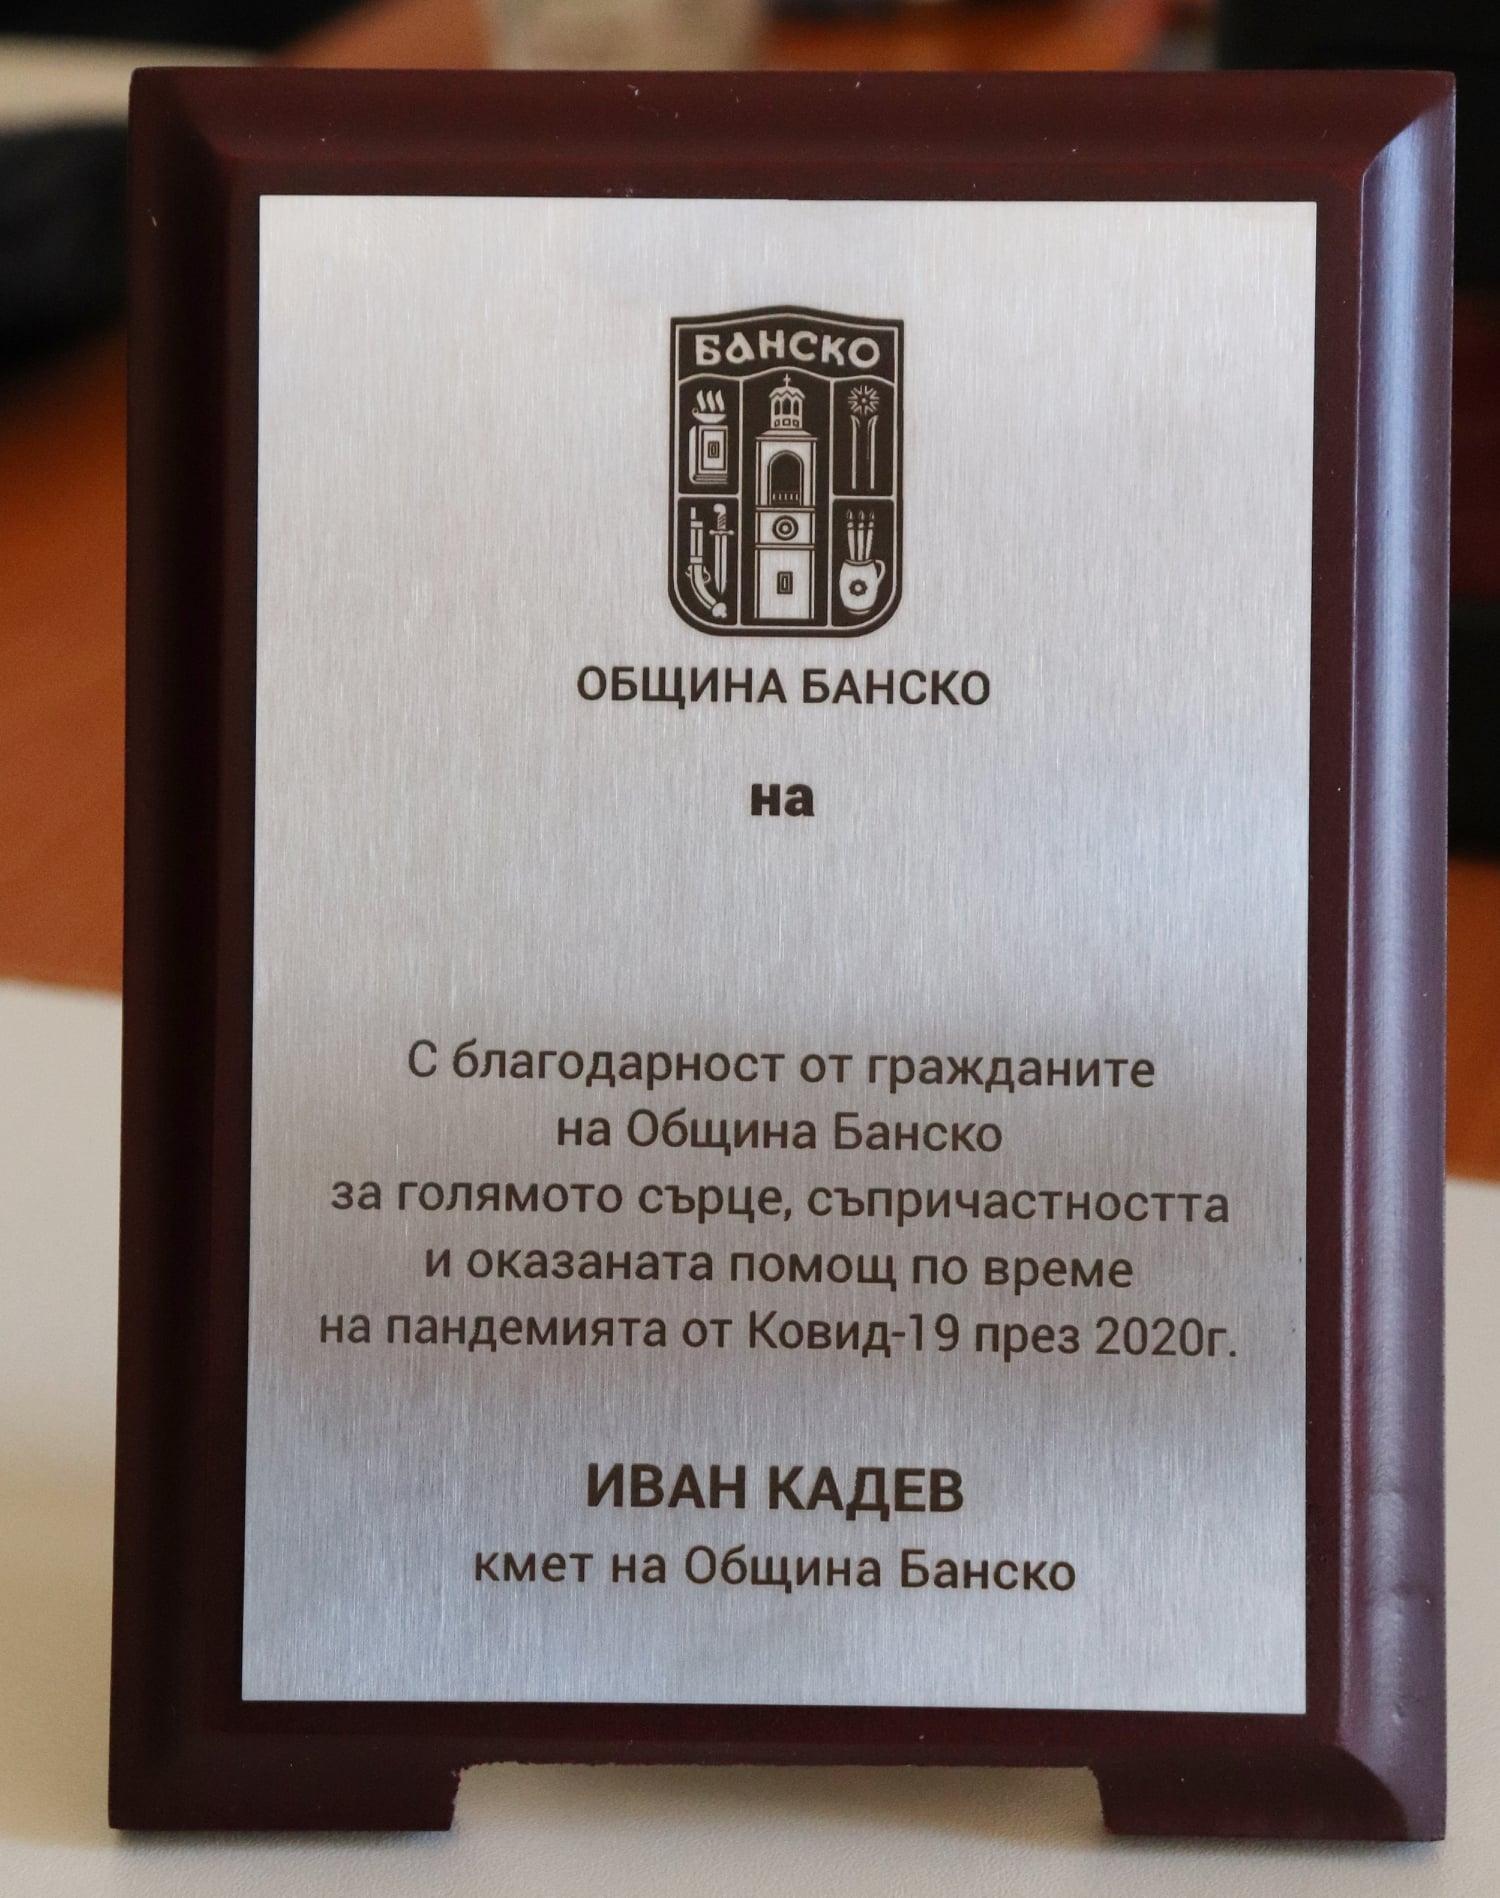 С благодарност към дарителите на Община Банско